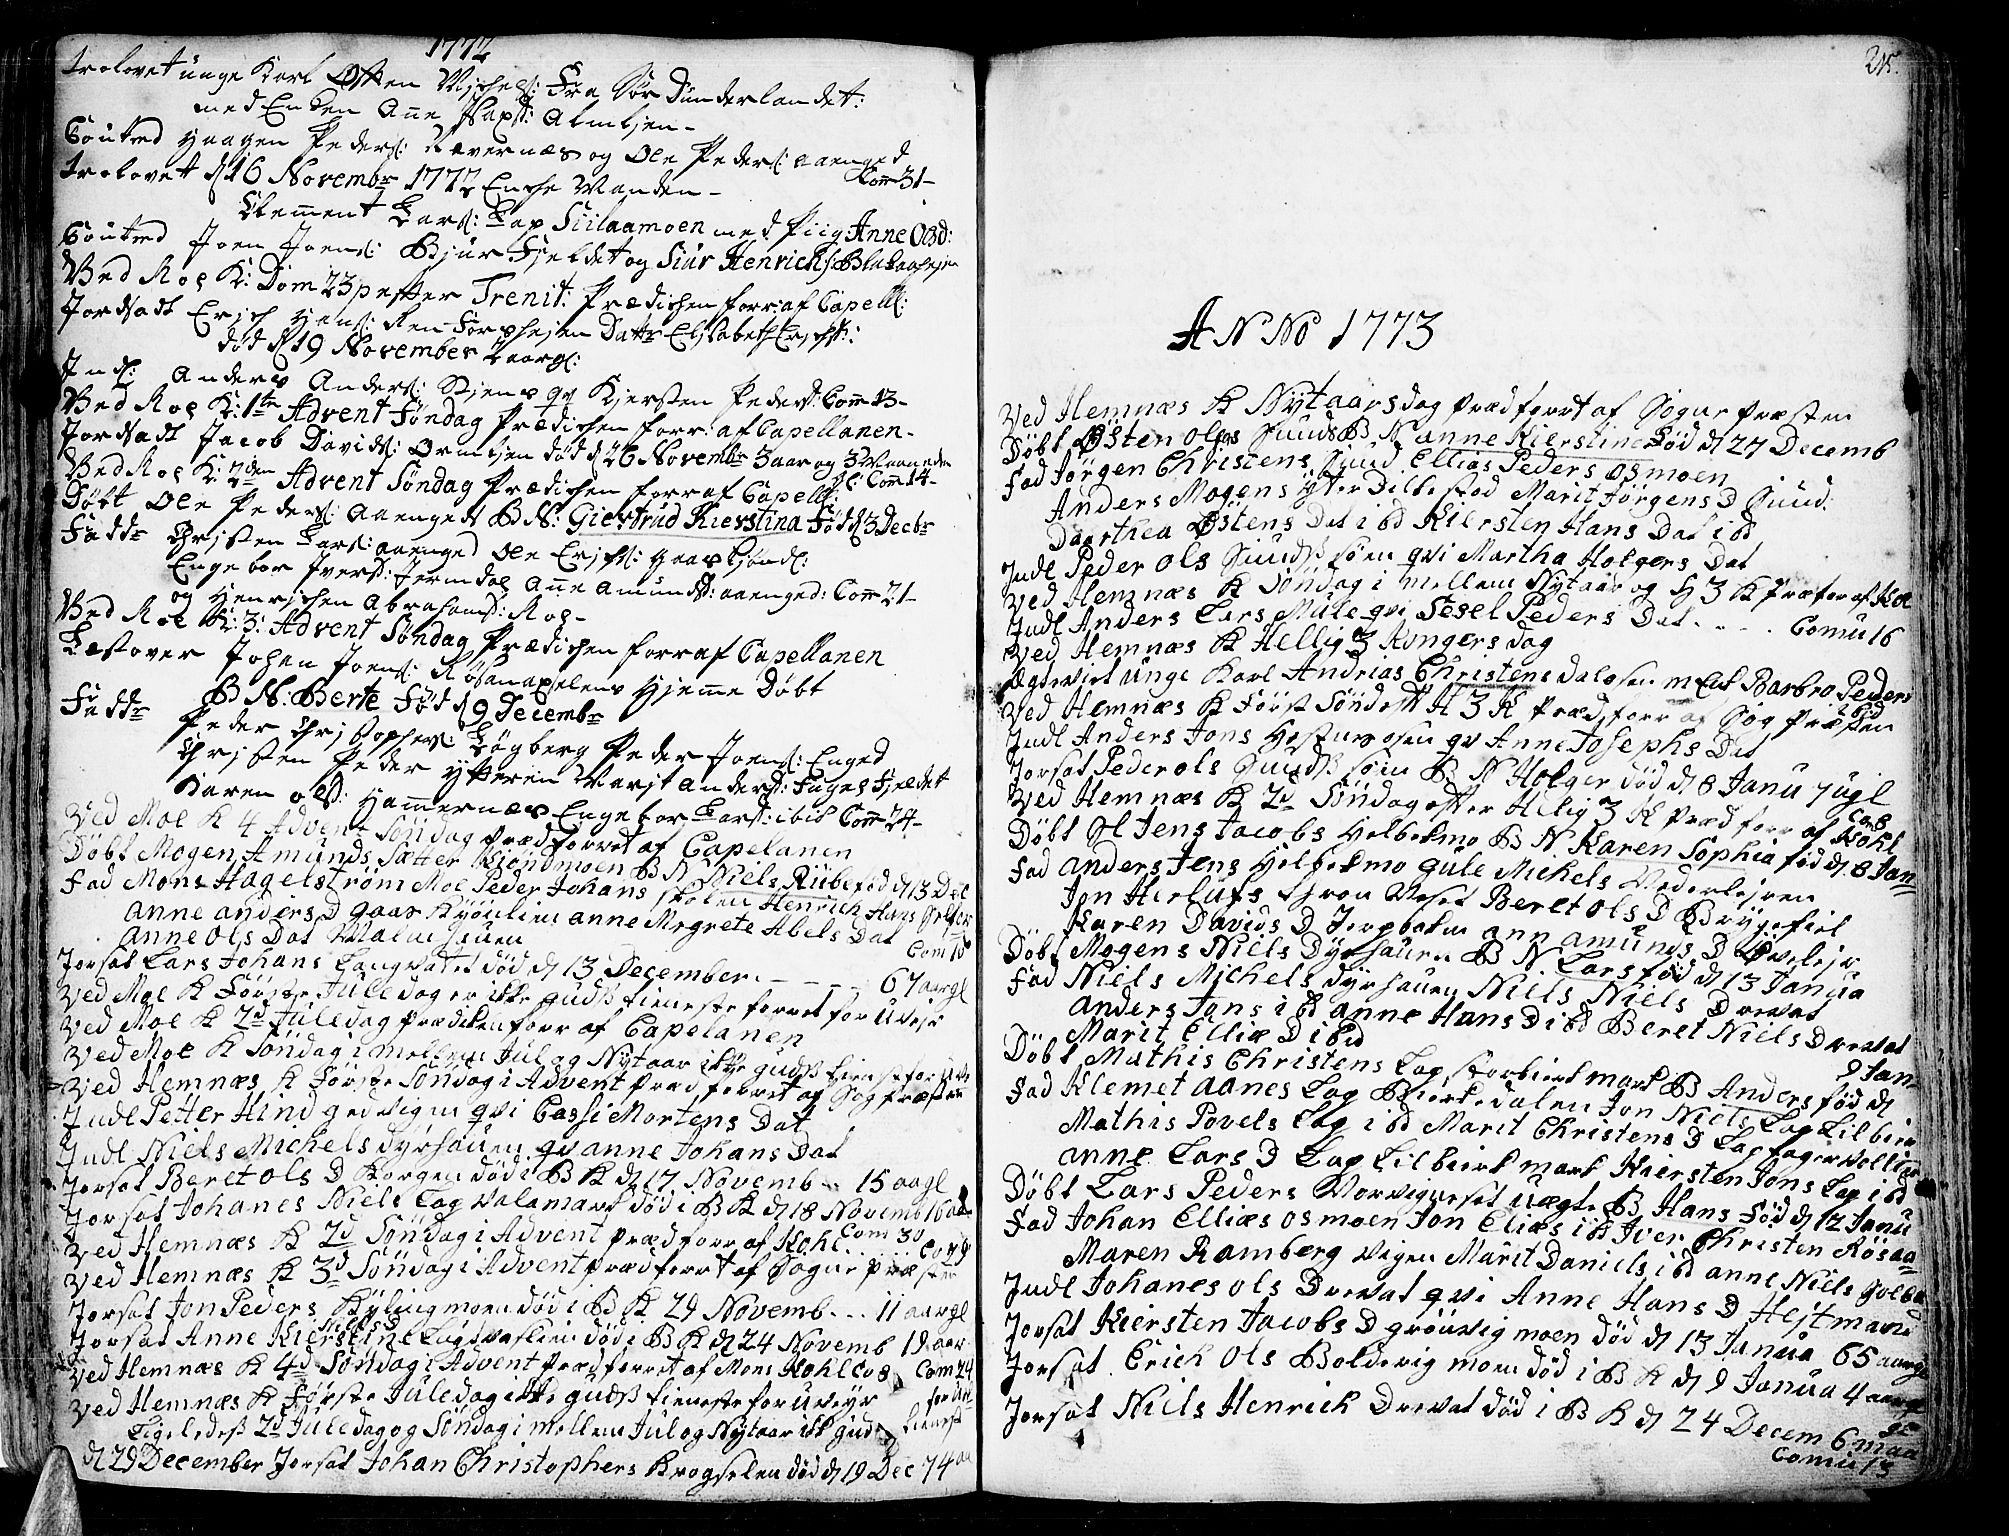 SAT, Ministerialprotokoller, klokkerbøker og fødselsregistre - Nordland, 825/L0348: Parish register (official) no. 825A04, 1752-1788, p. 215